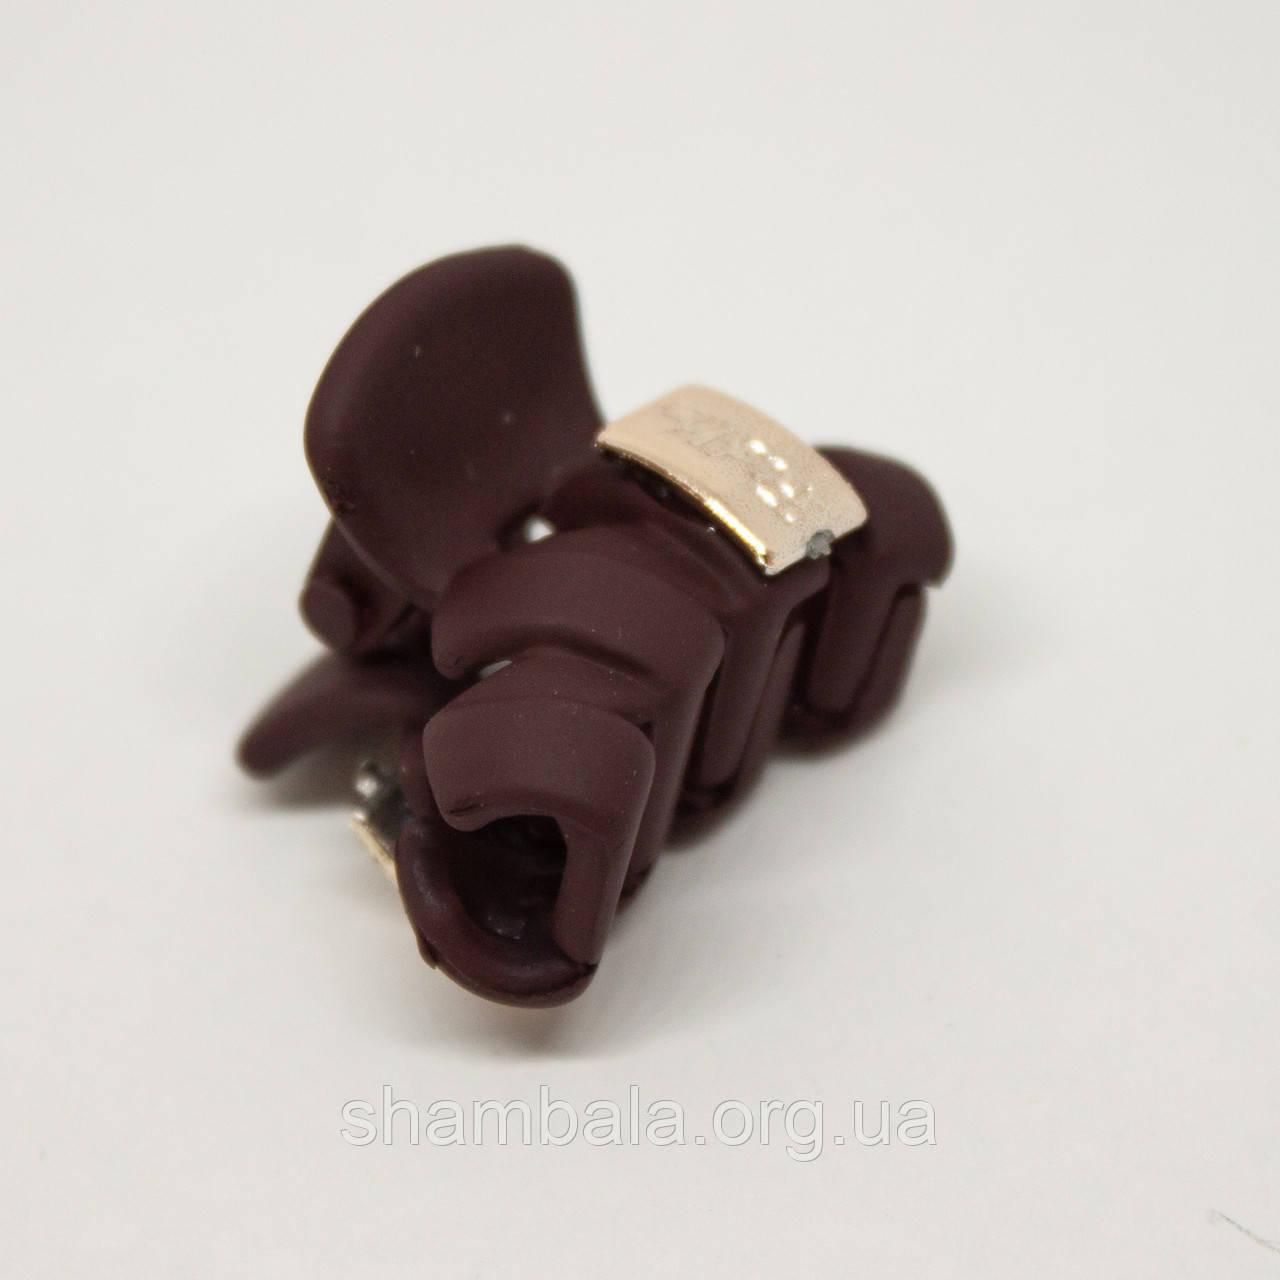 """Заколка-краб для волос """"Krabik"""" бордовая (76454)"""